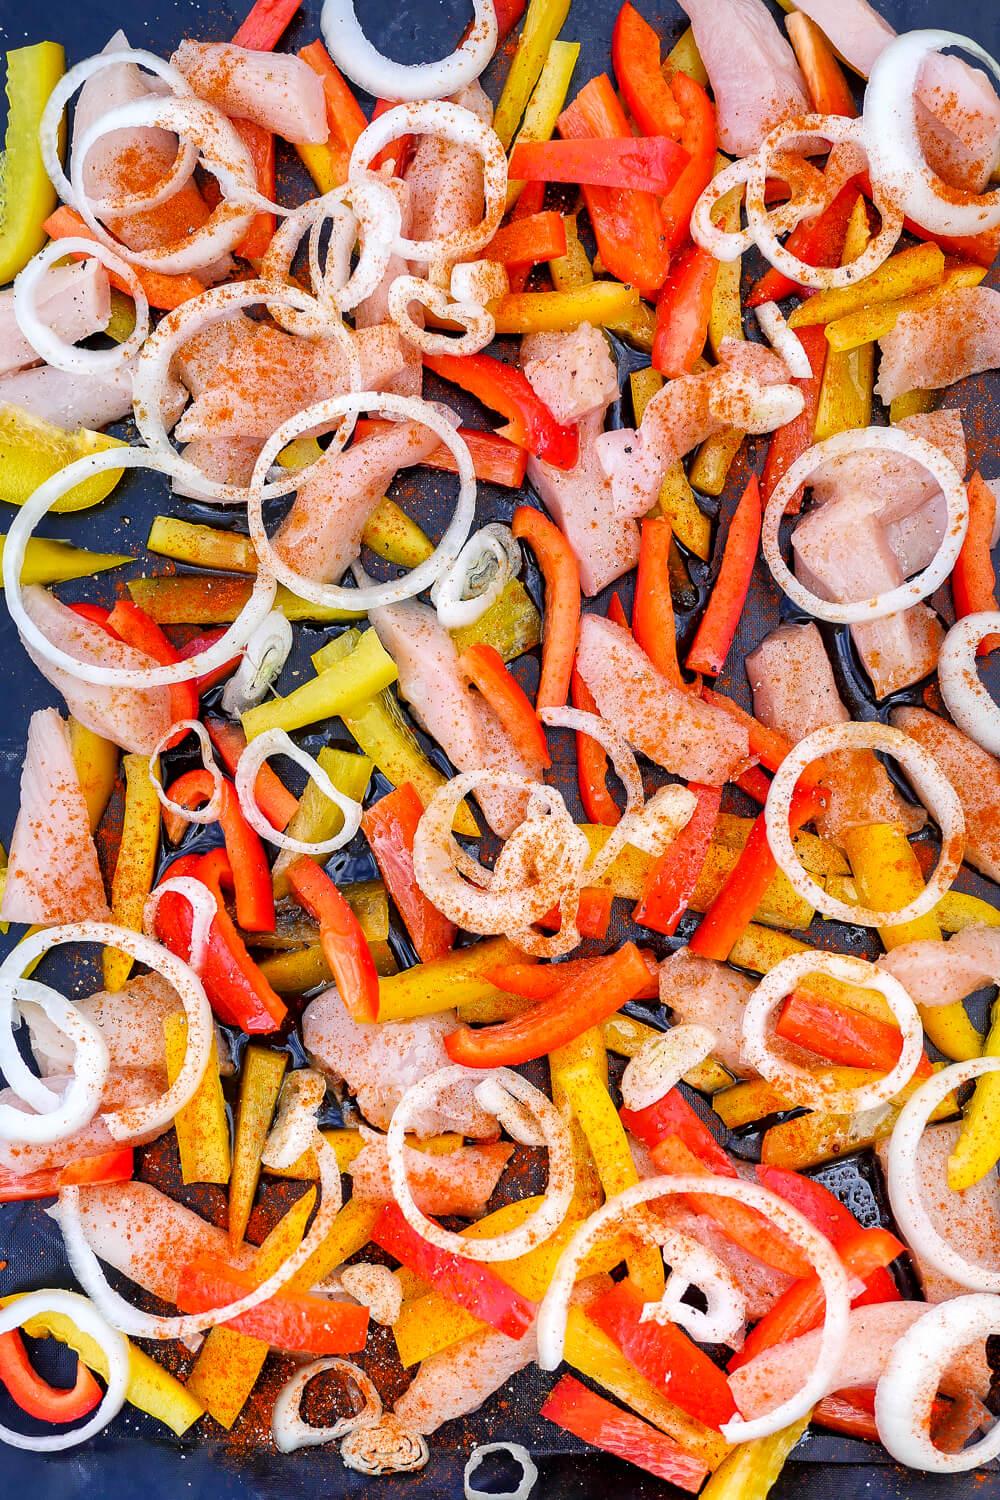 Fajitas-Rezept aus dem Backofen mit Hähnchenbrustfilet, Paprika und Zwiebeln